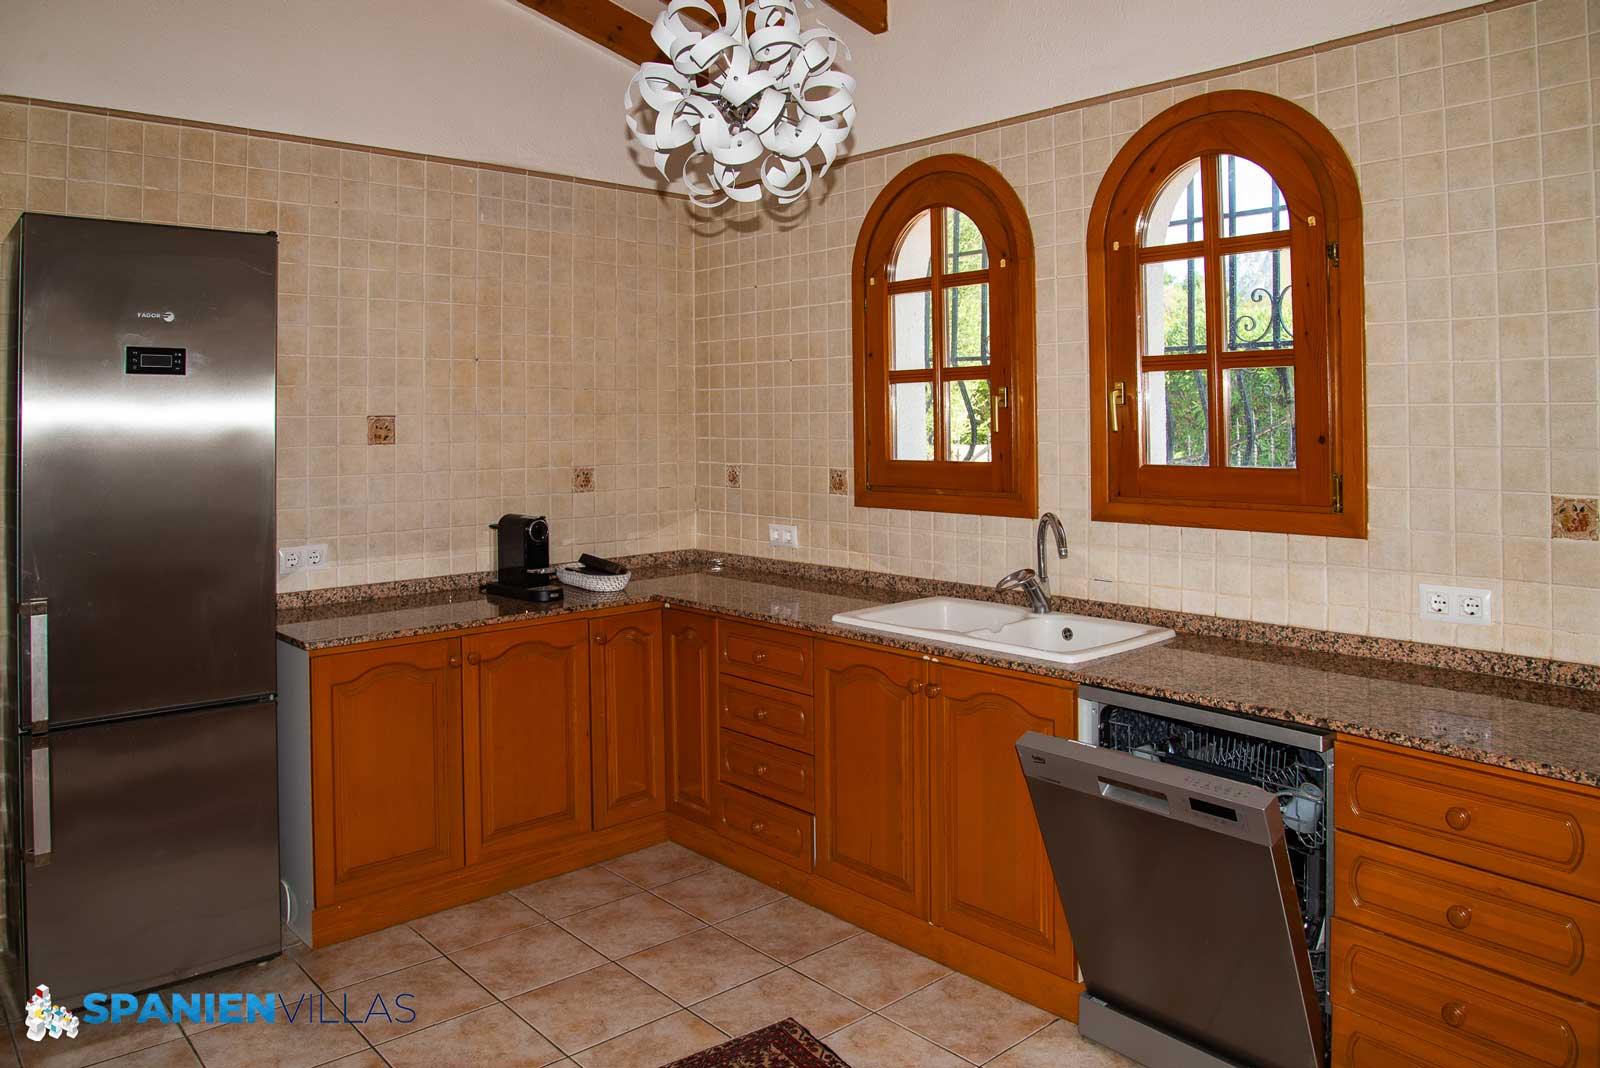 Kjøkken med hvitevarer i rustfritt stål.